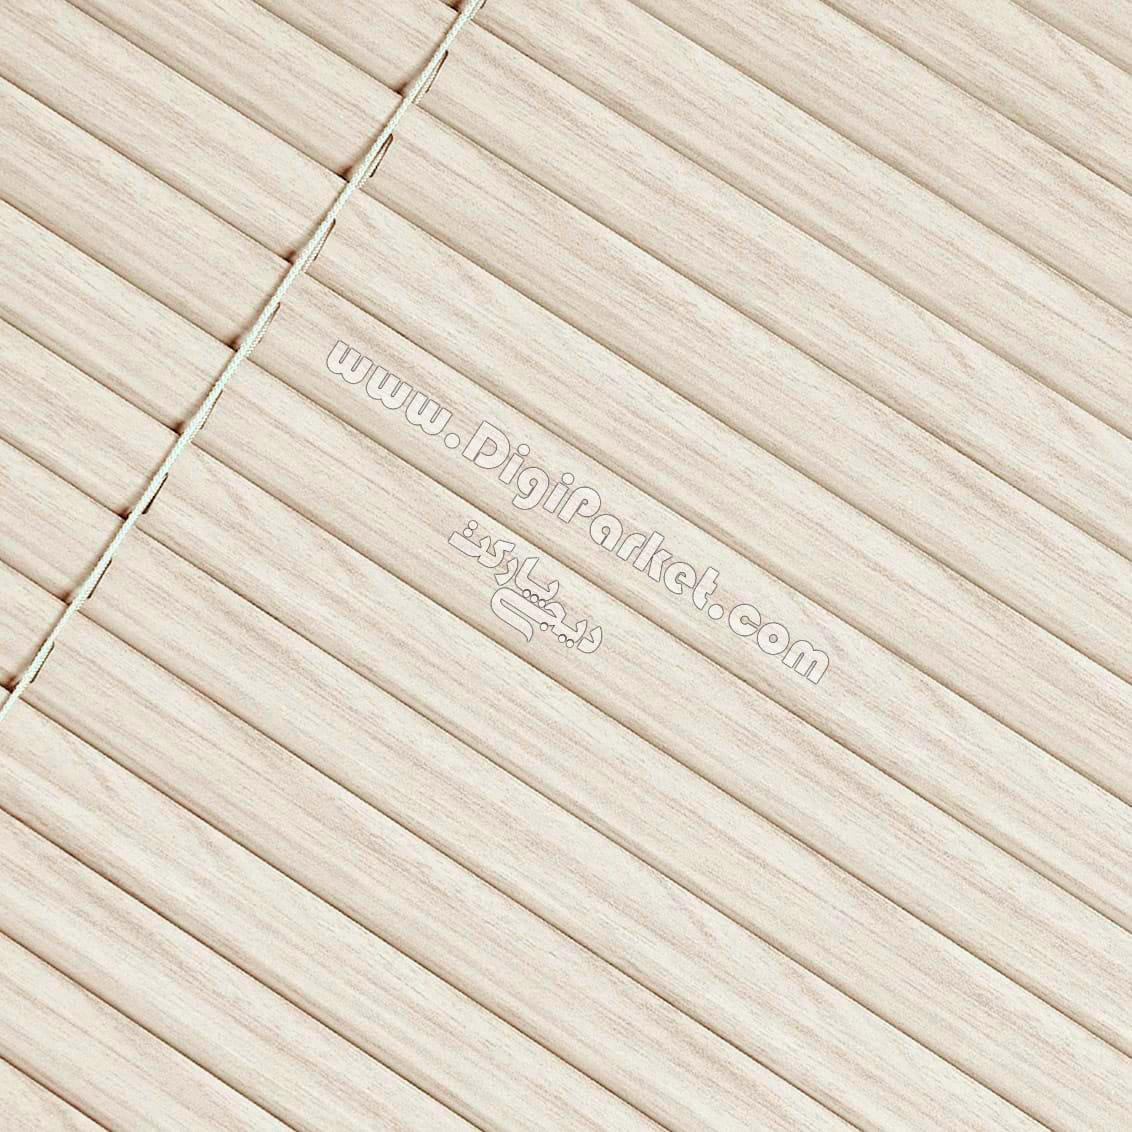 پرده کرکره فلزی طرح چوب سفید کرم  خوش سایه